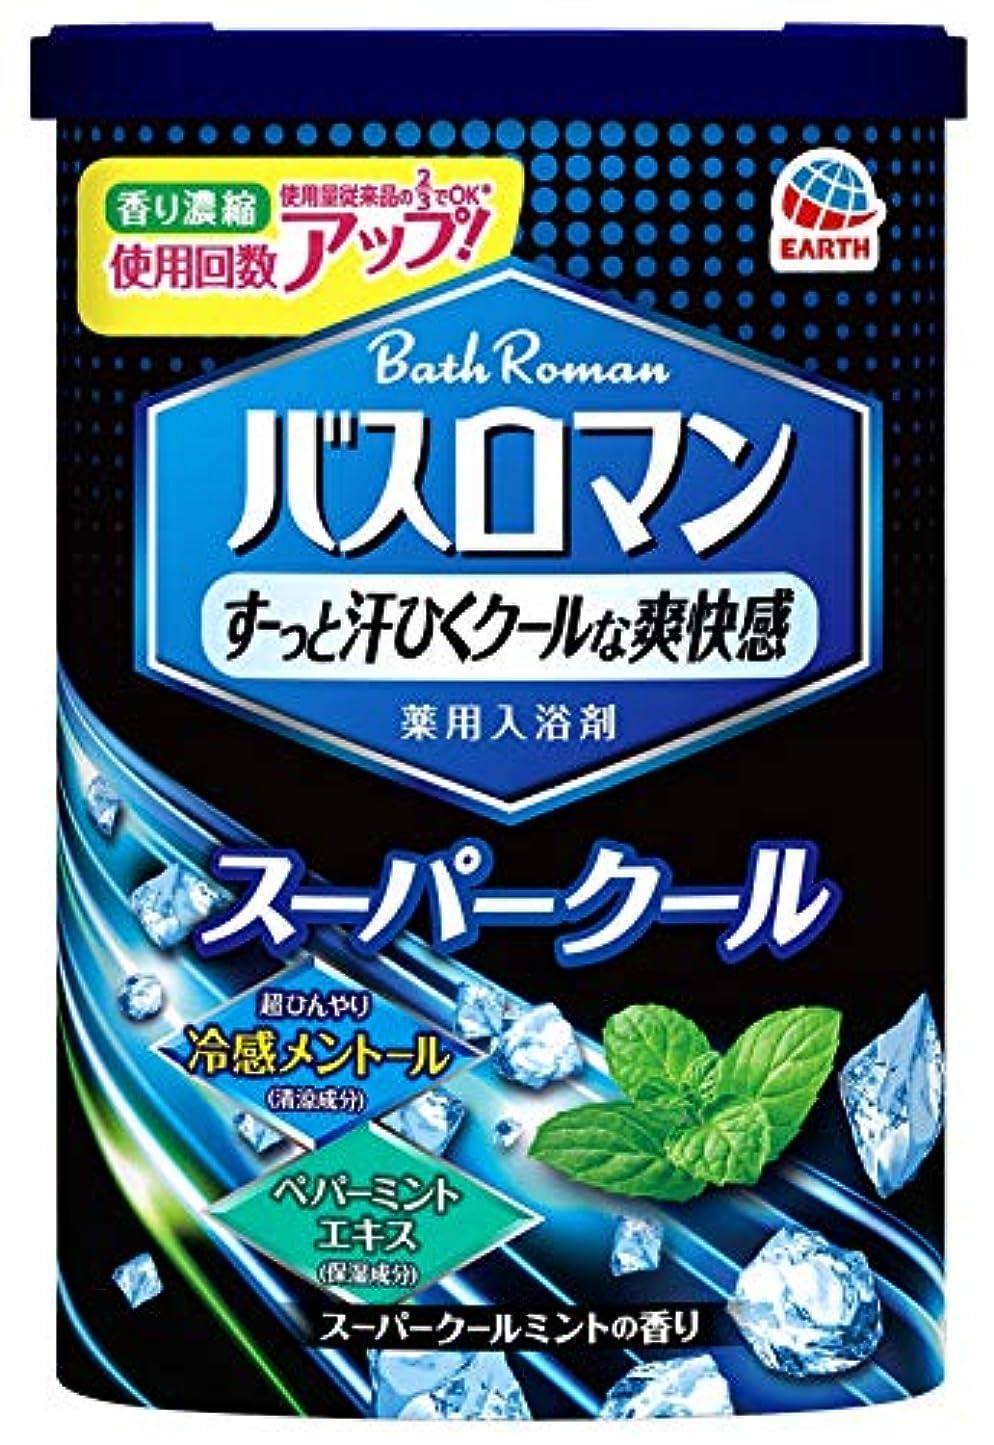 品種クマノミ水族館【医薬部外品】バスロマン 入浴剤 スーパークールタイプ [600g]